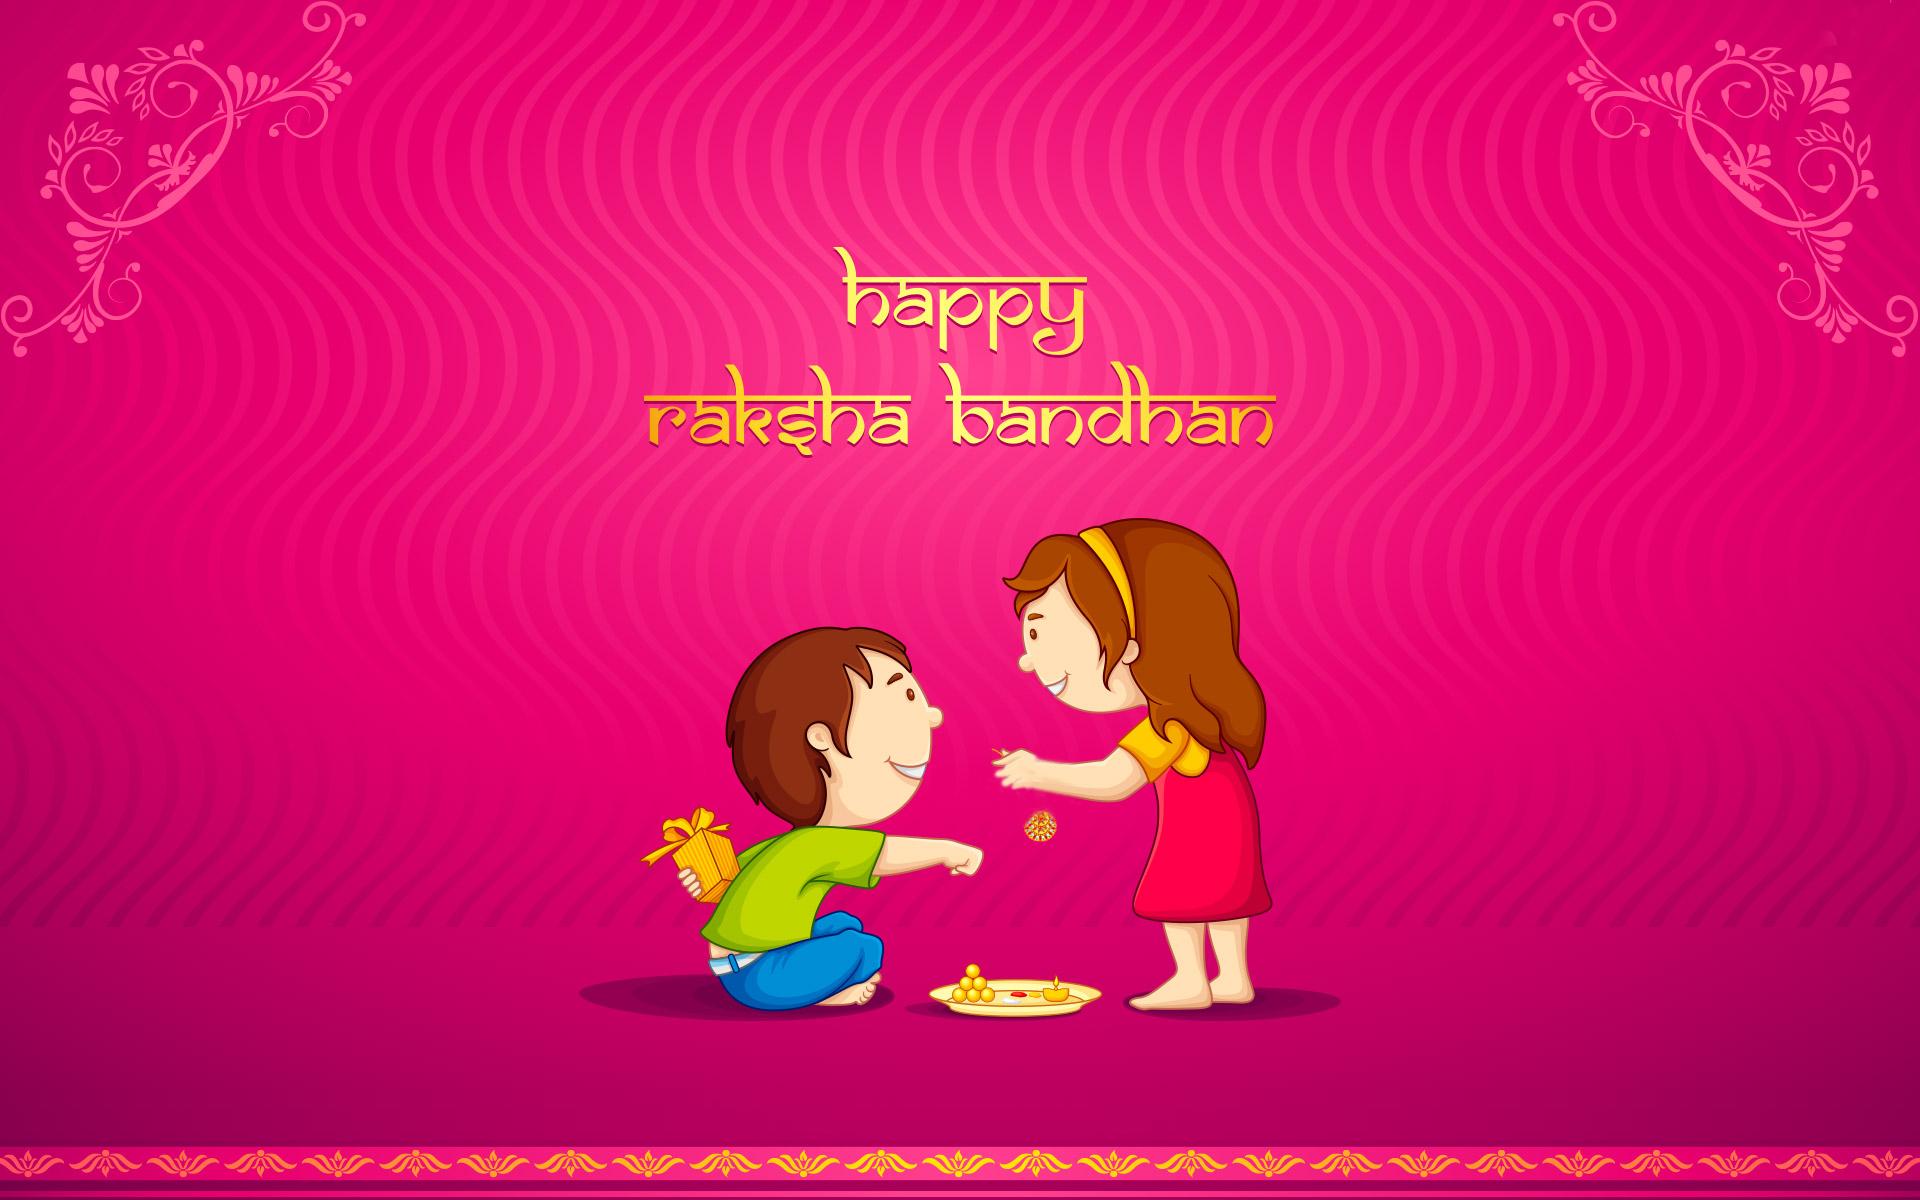 Happy raksha bandhan brother and sister love wallpaper kristyandbryce Choice Image